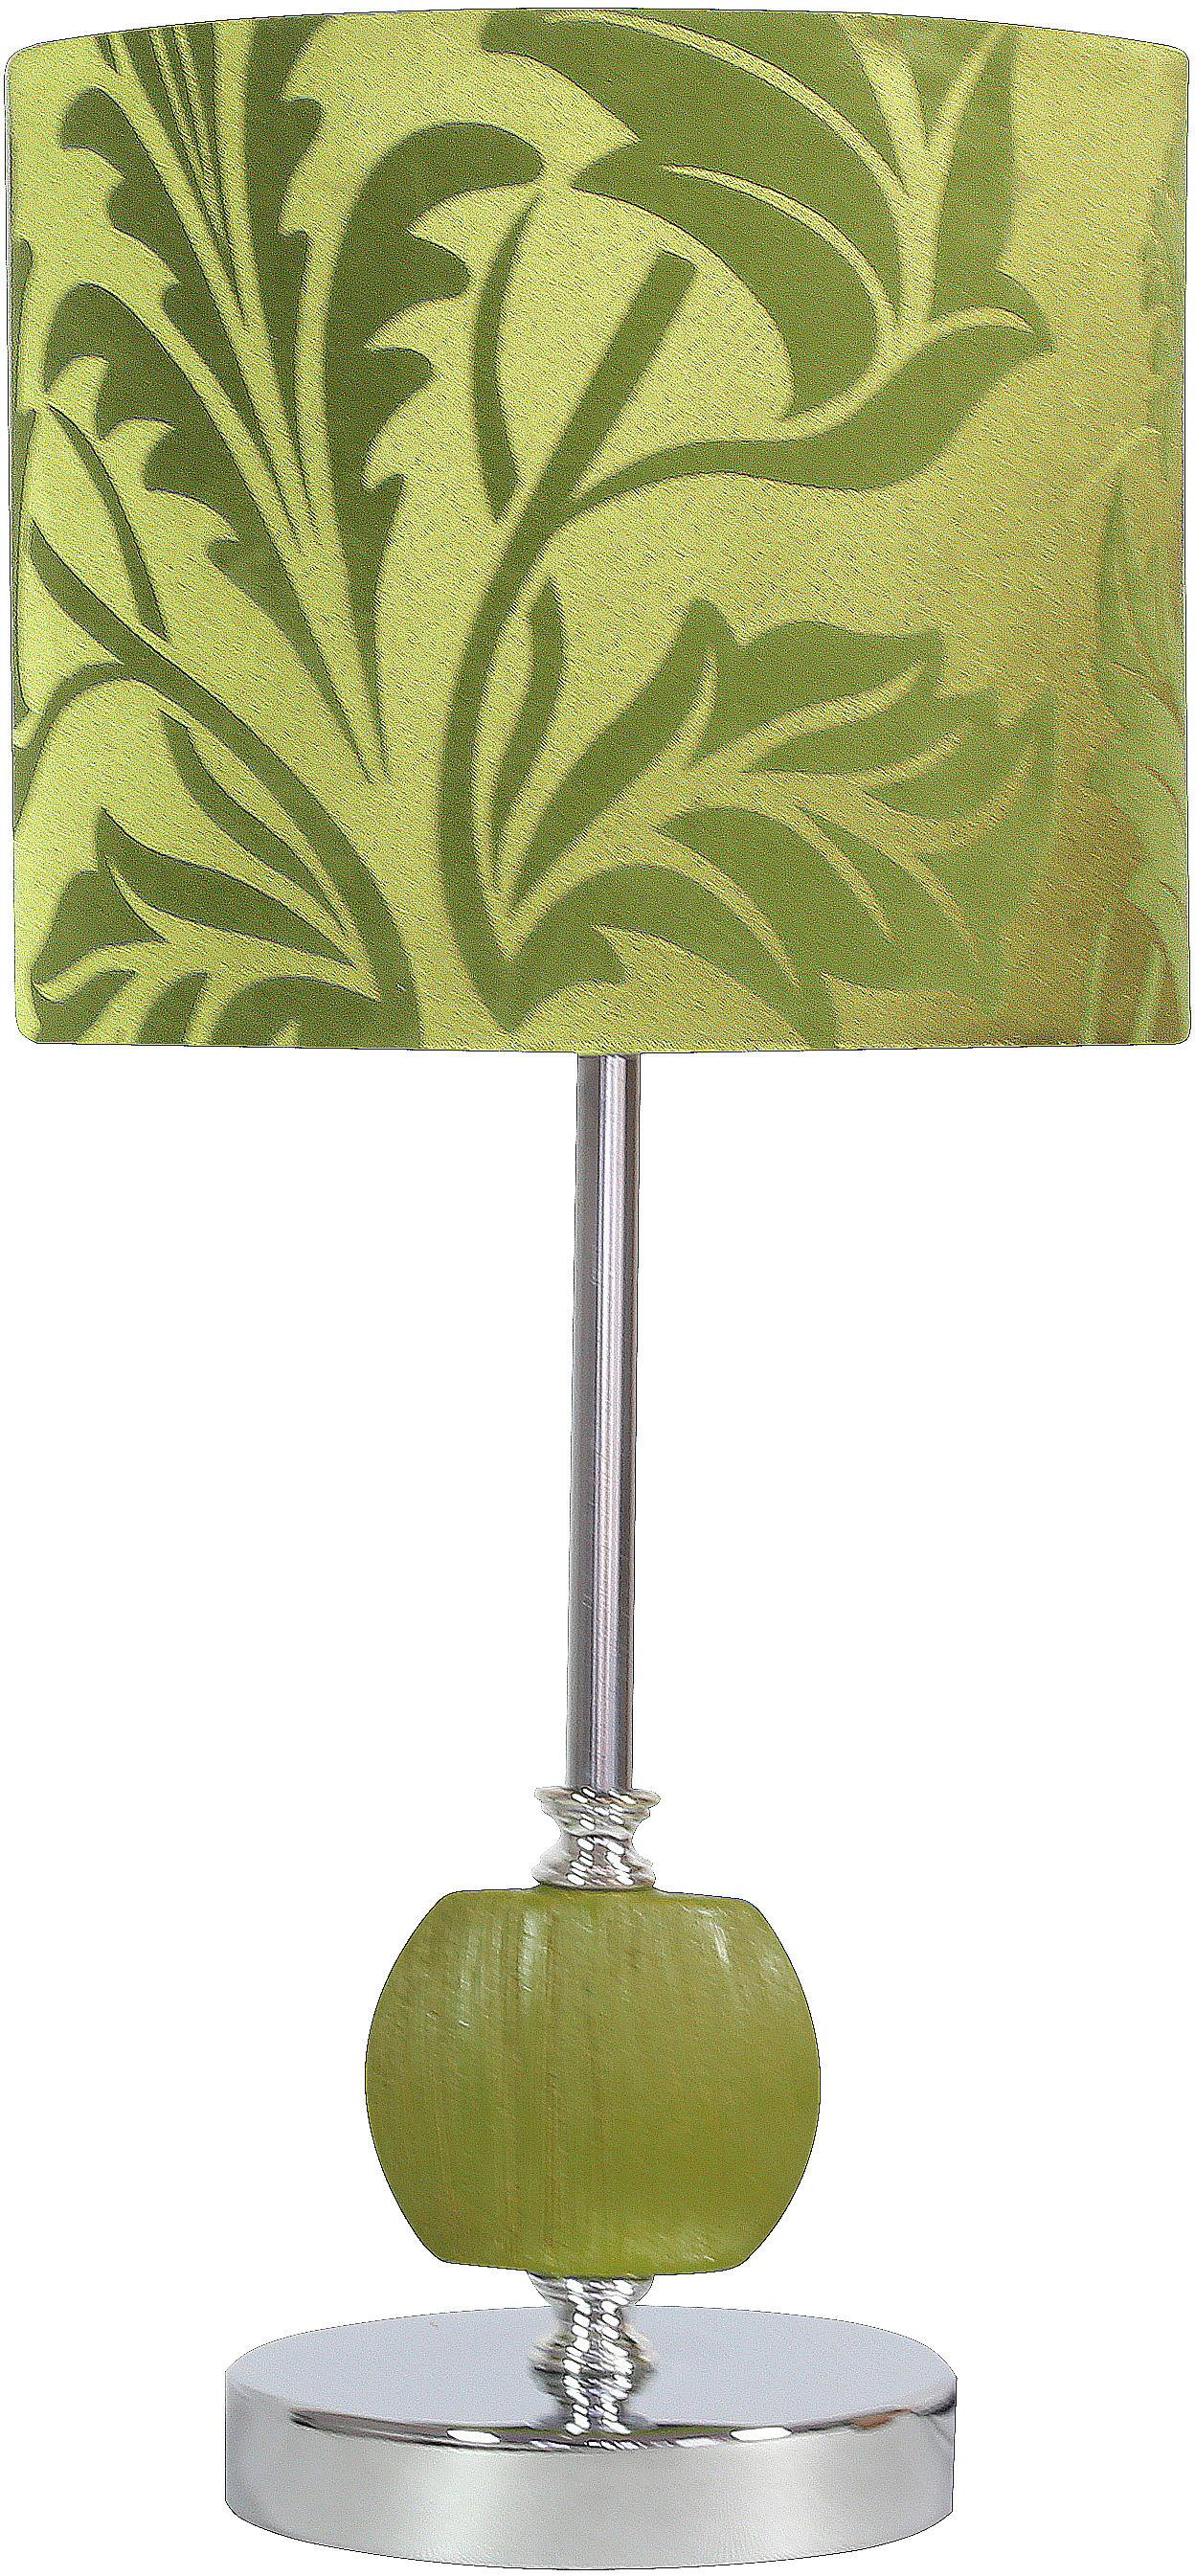 Candellux CORT 41-34724 lampa stołowa abażur walec zielony 1X60W E27 19 cm